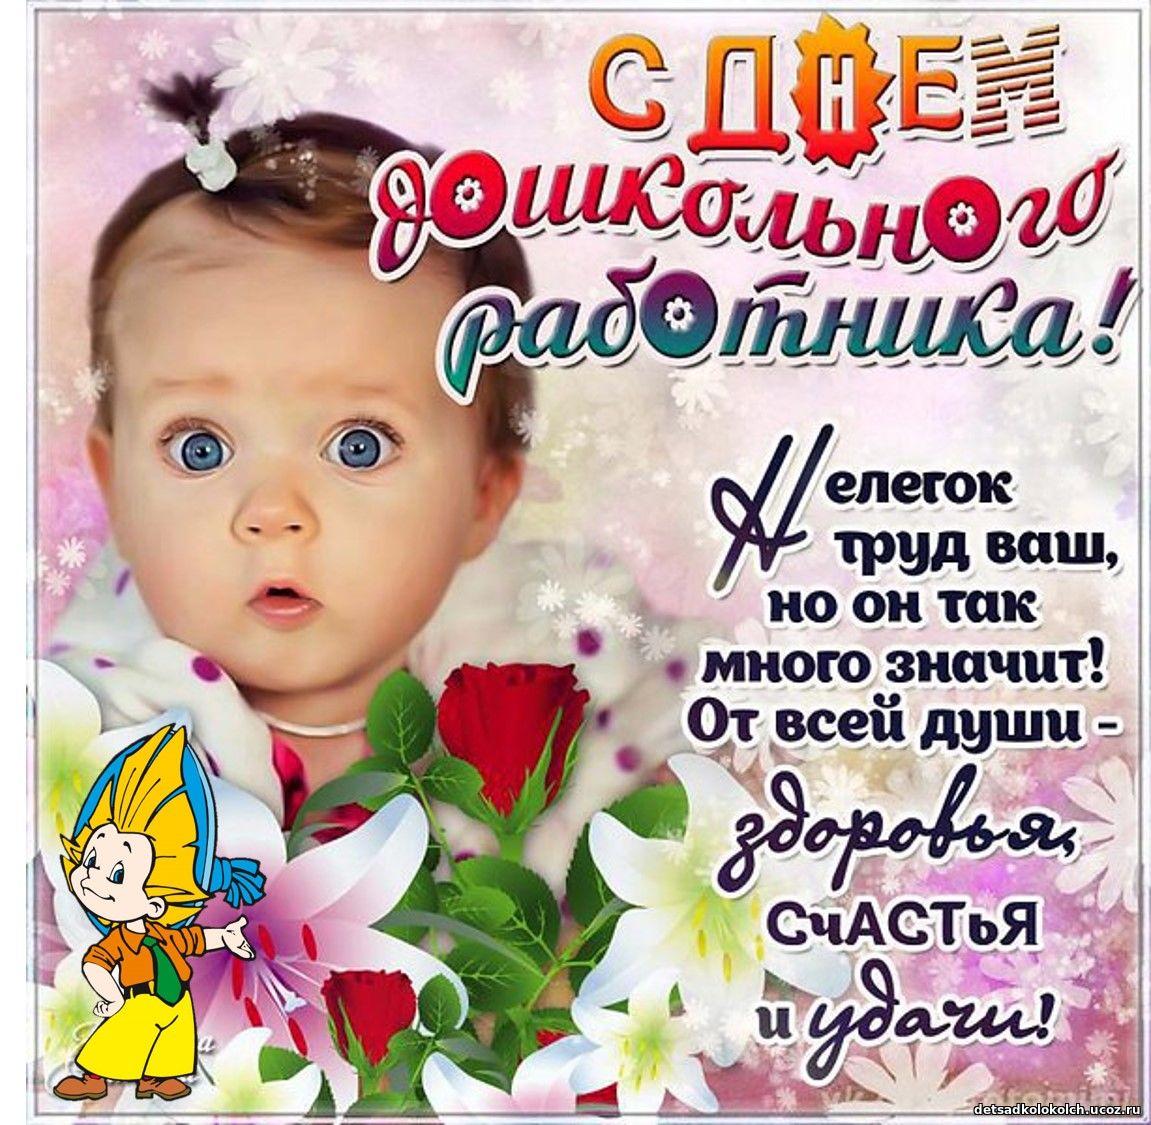 Поздравления на день дошкольного работника от коллег прикольные 246